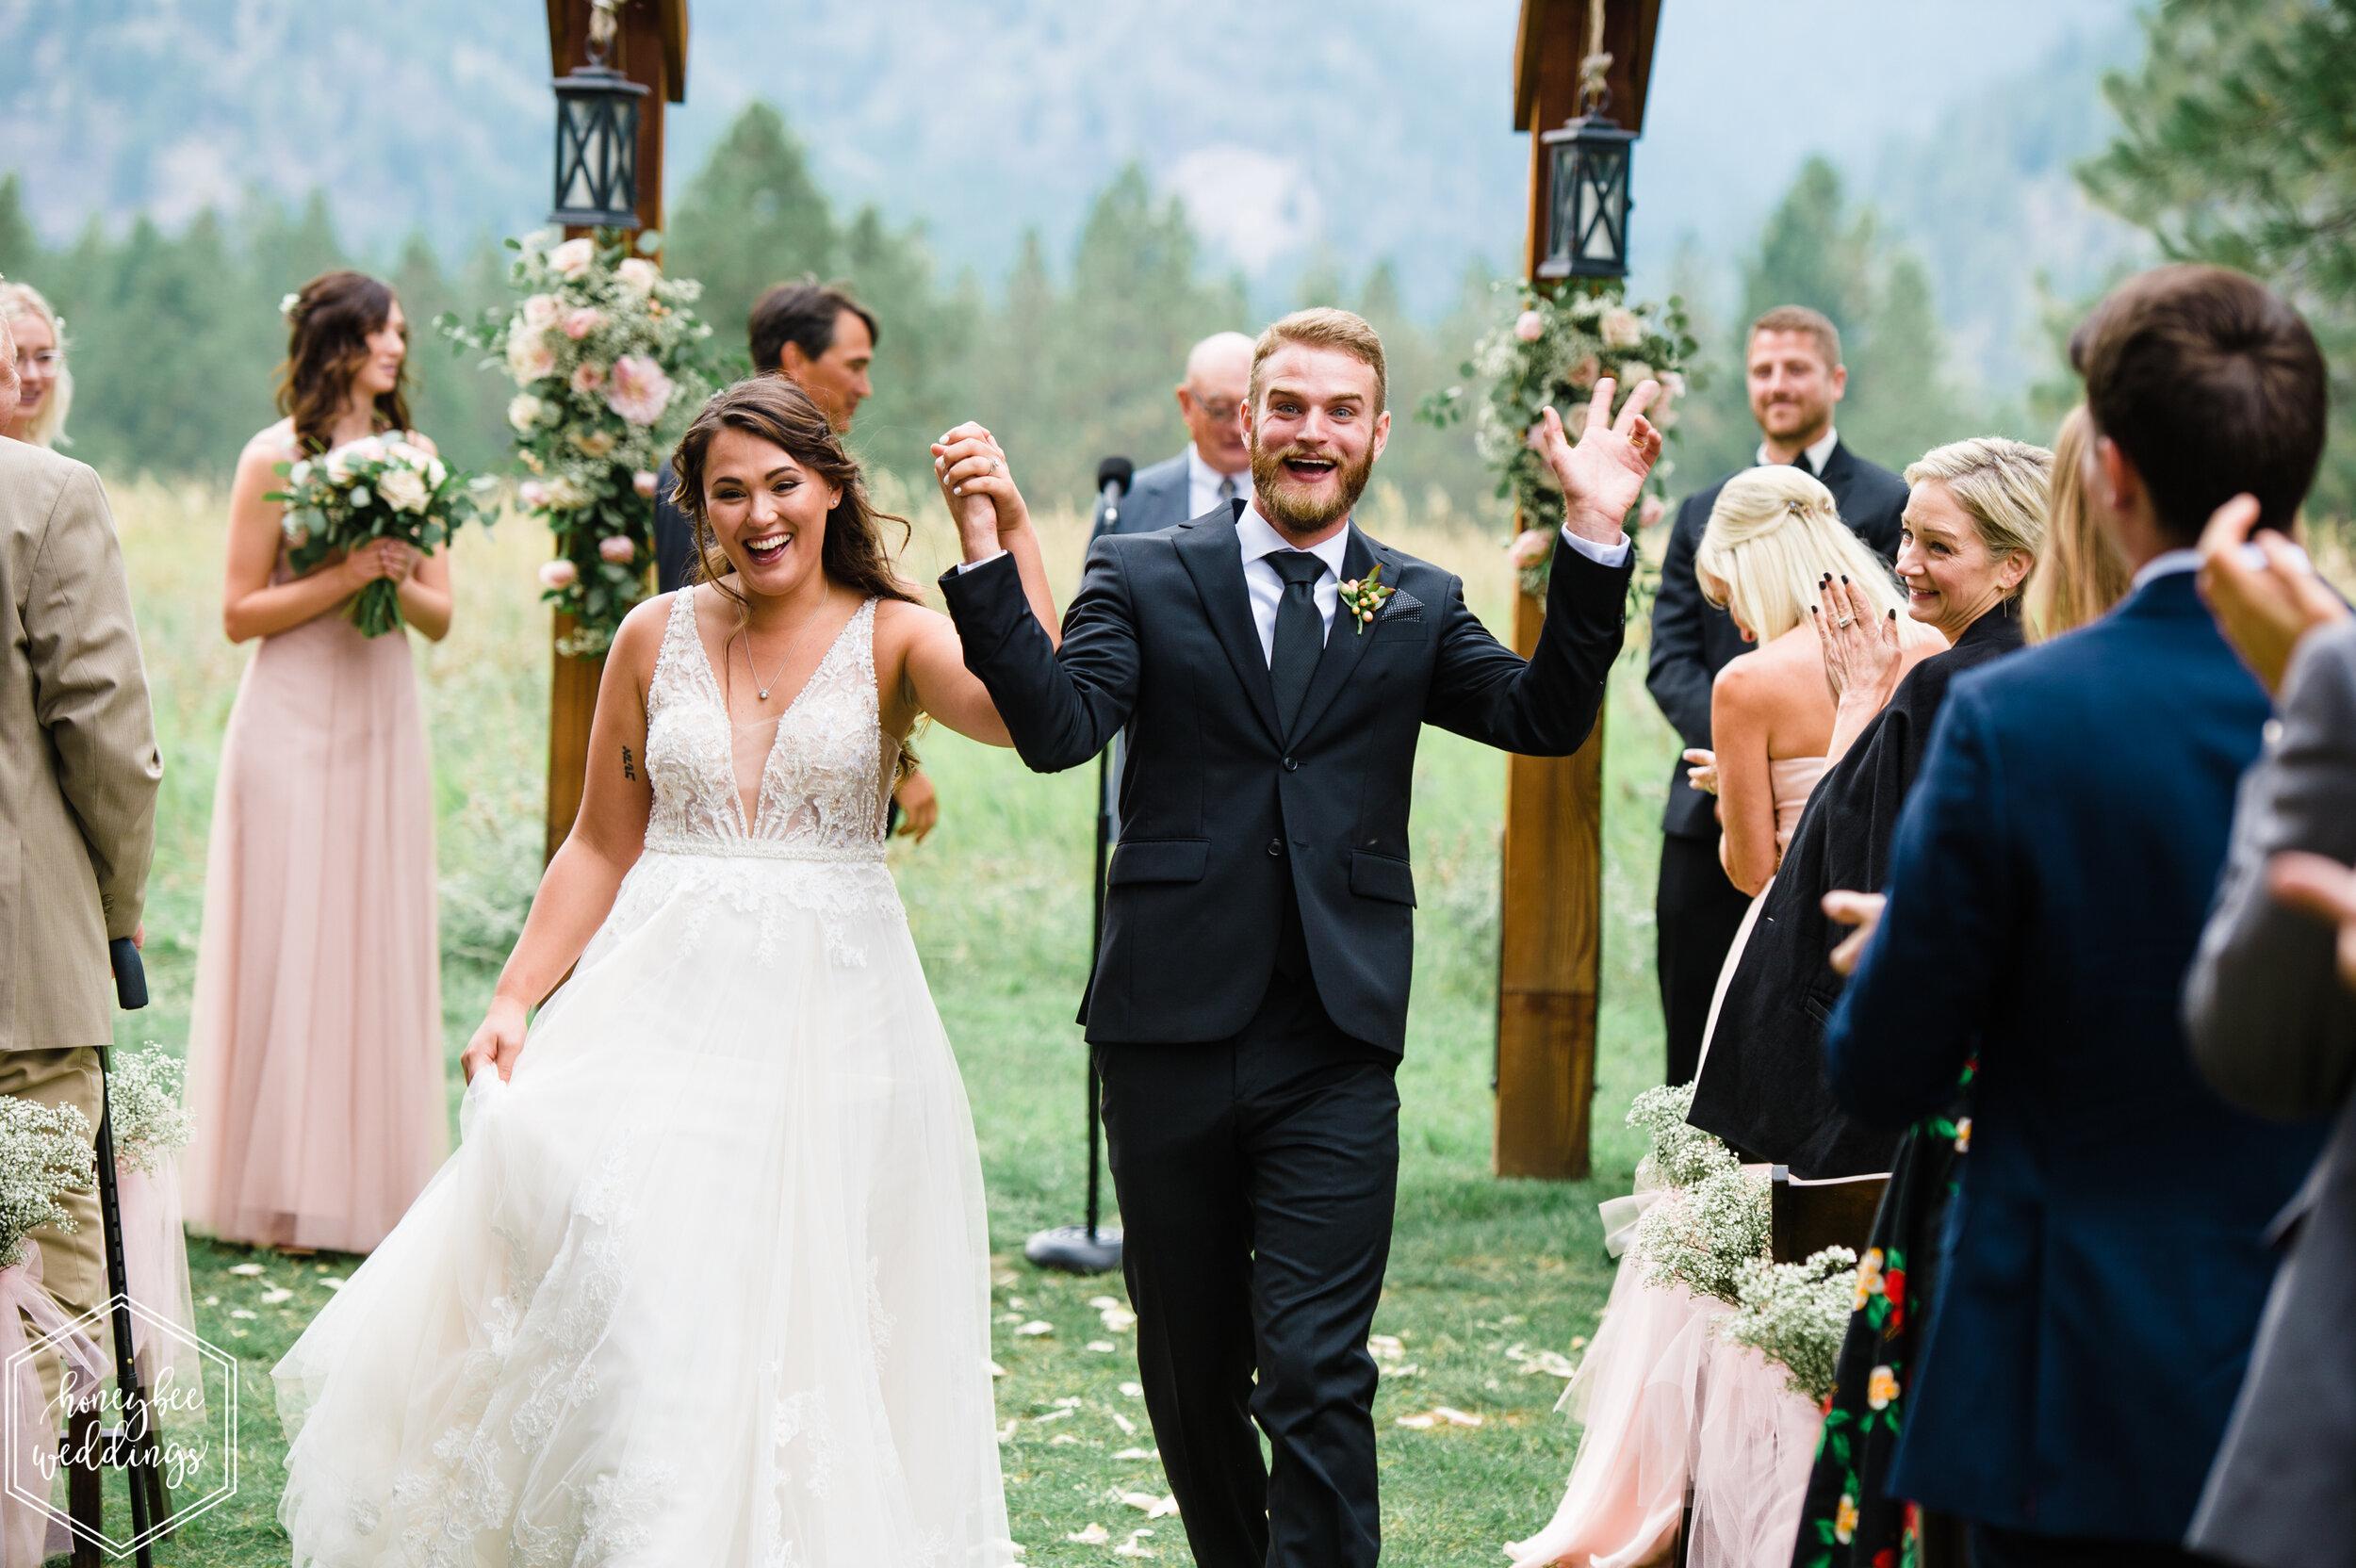 071White Raven Wedding_Montana Wedding Photographer_Corey & Corey_Honeybee Weddings_September 06, 2019-559.jpg